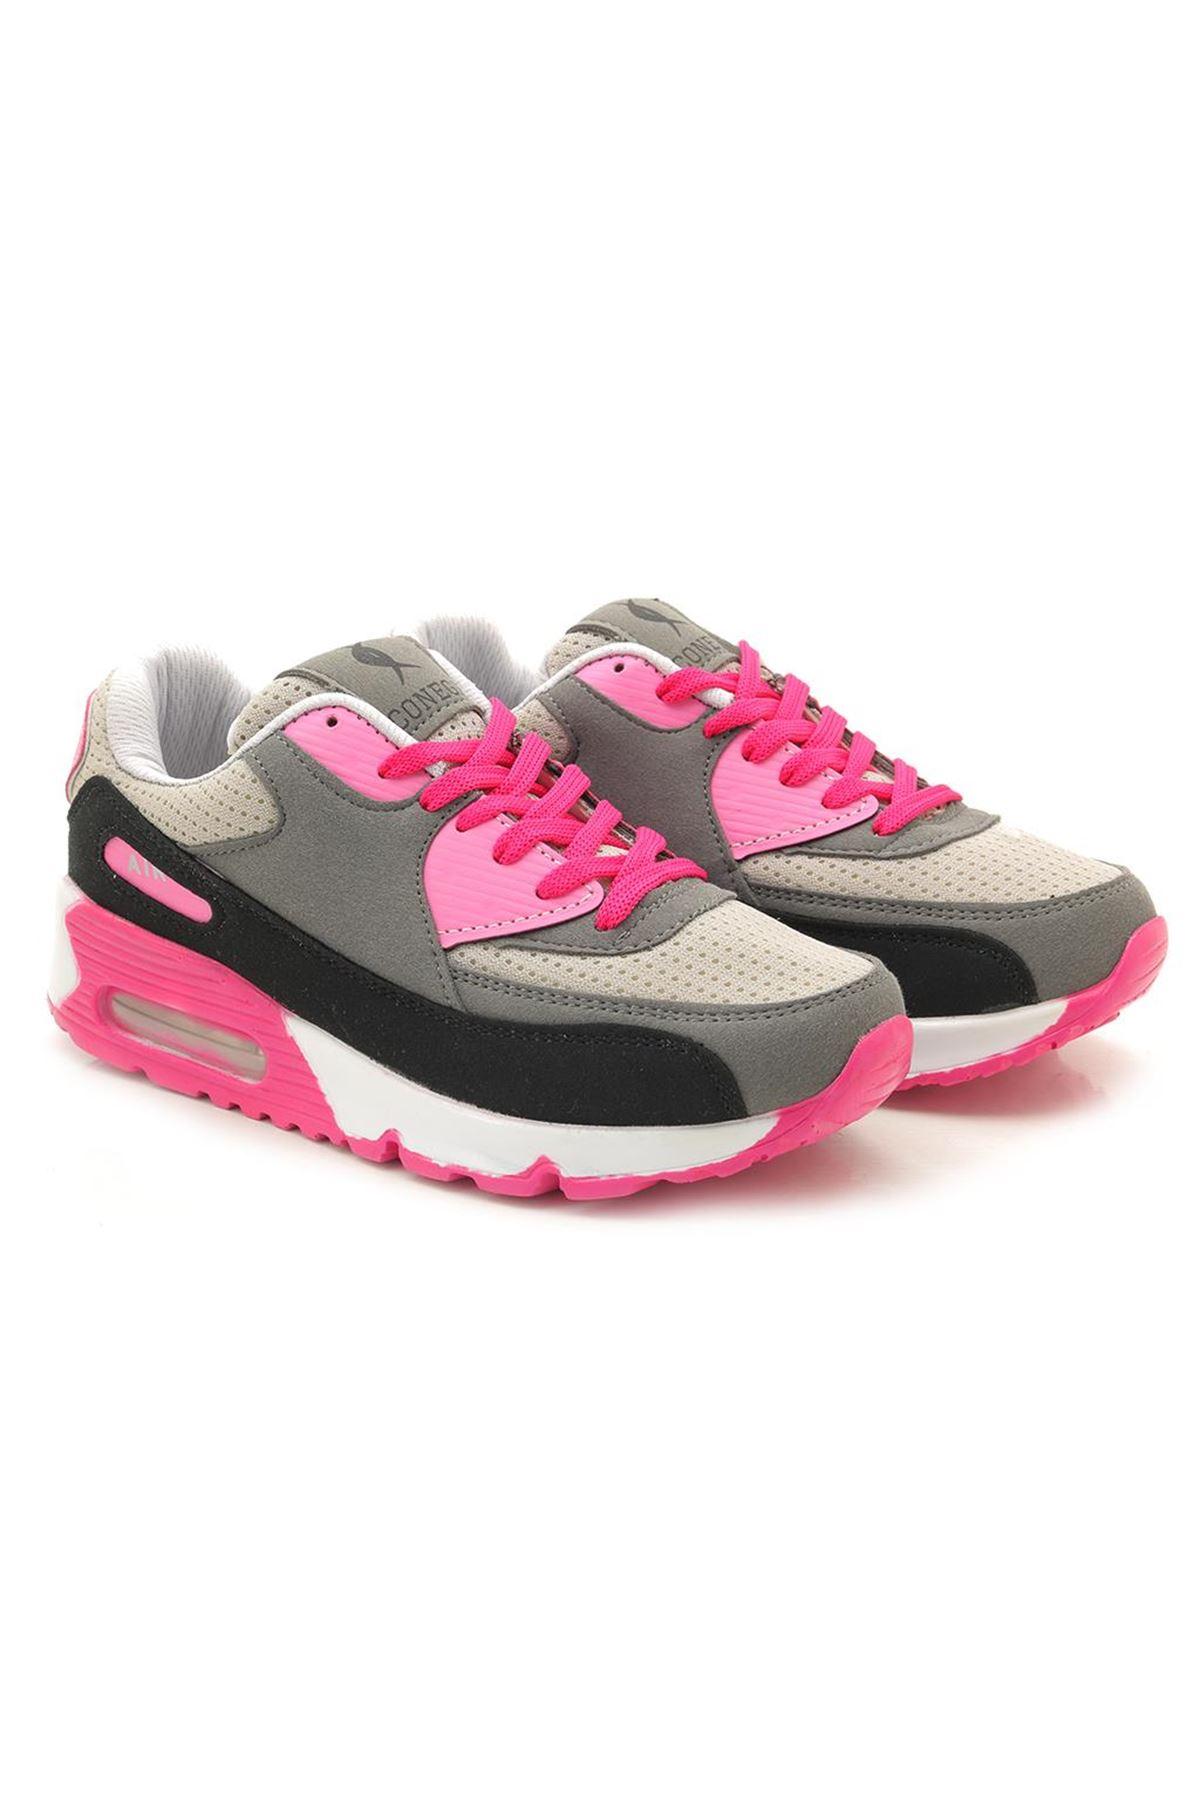 Lady Air201 Kadın Spor Ayakkabı